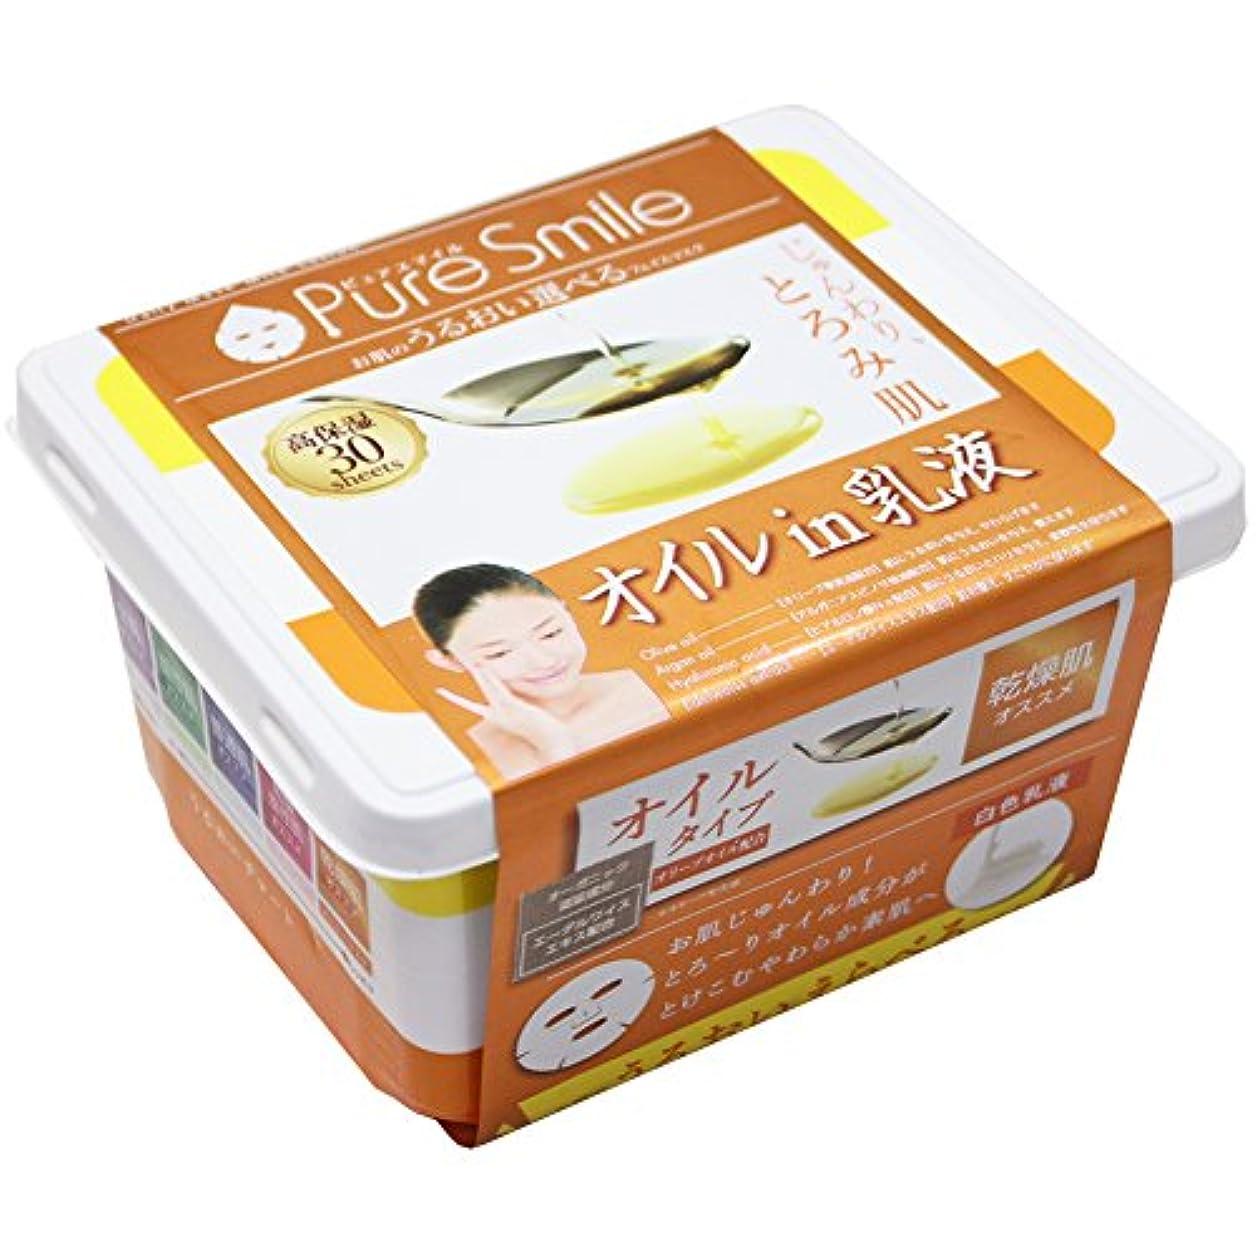 国勢調査非アクティブ子音PureSmile(ピュアスマイル) フェイスパック エッセンスマスク 30枚セット オイルin乳液?3S05